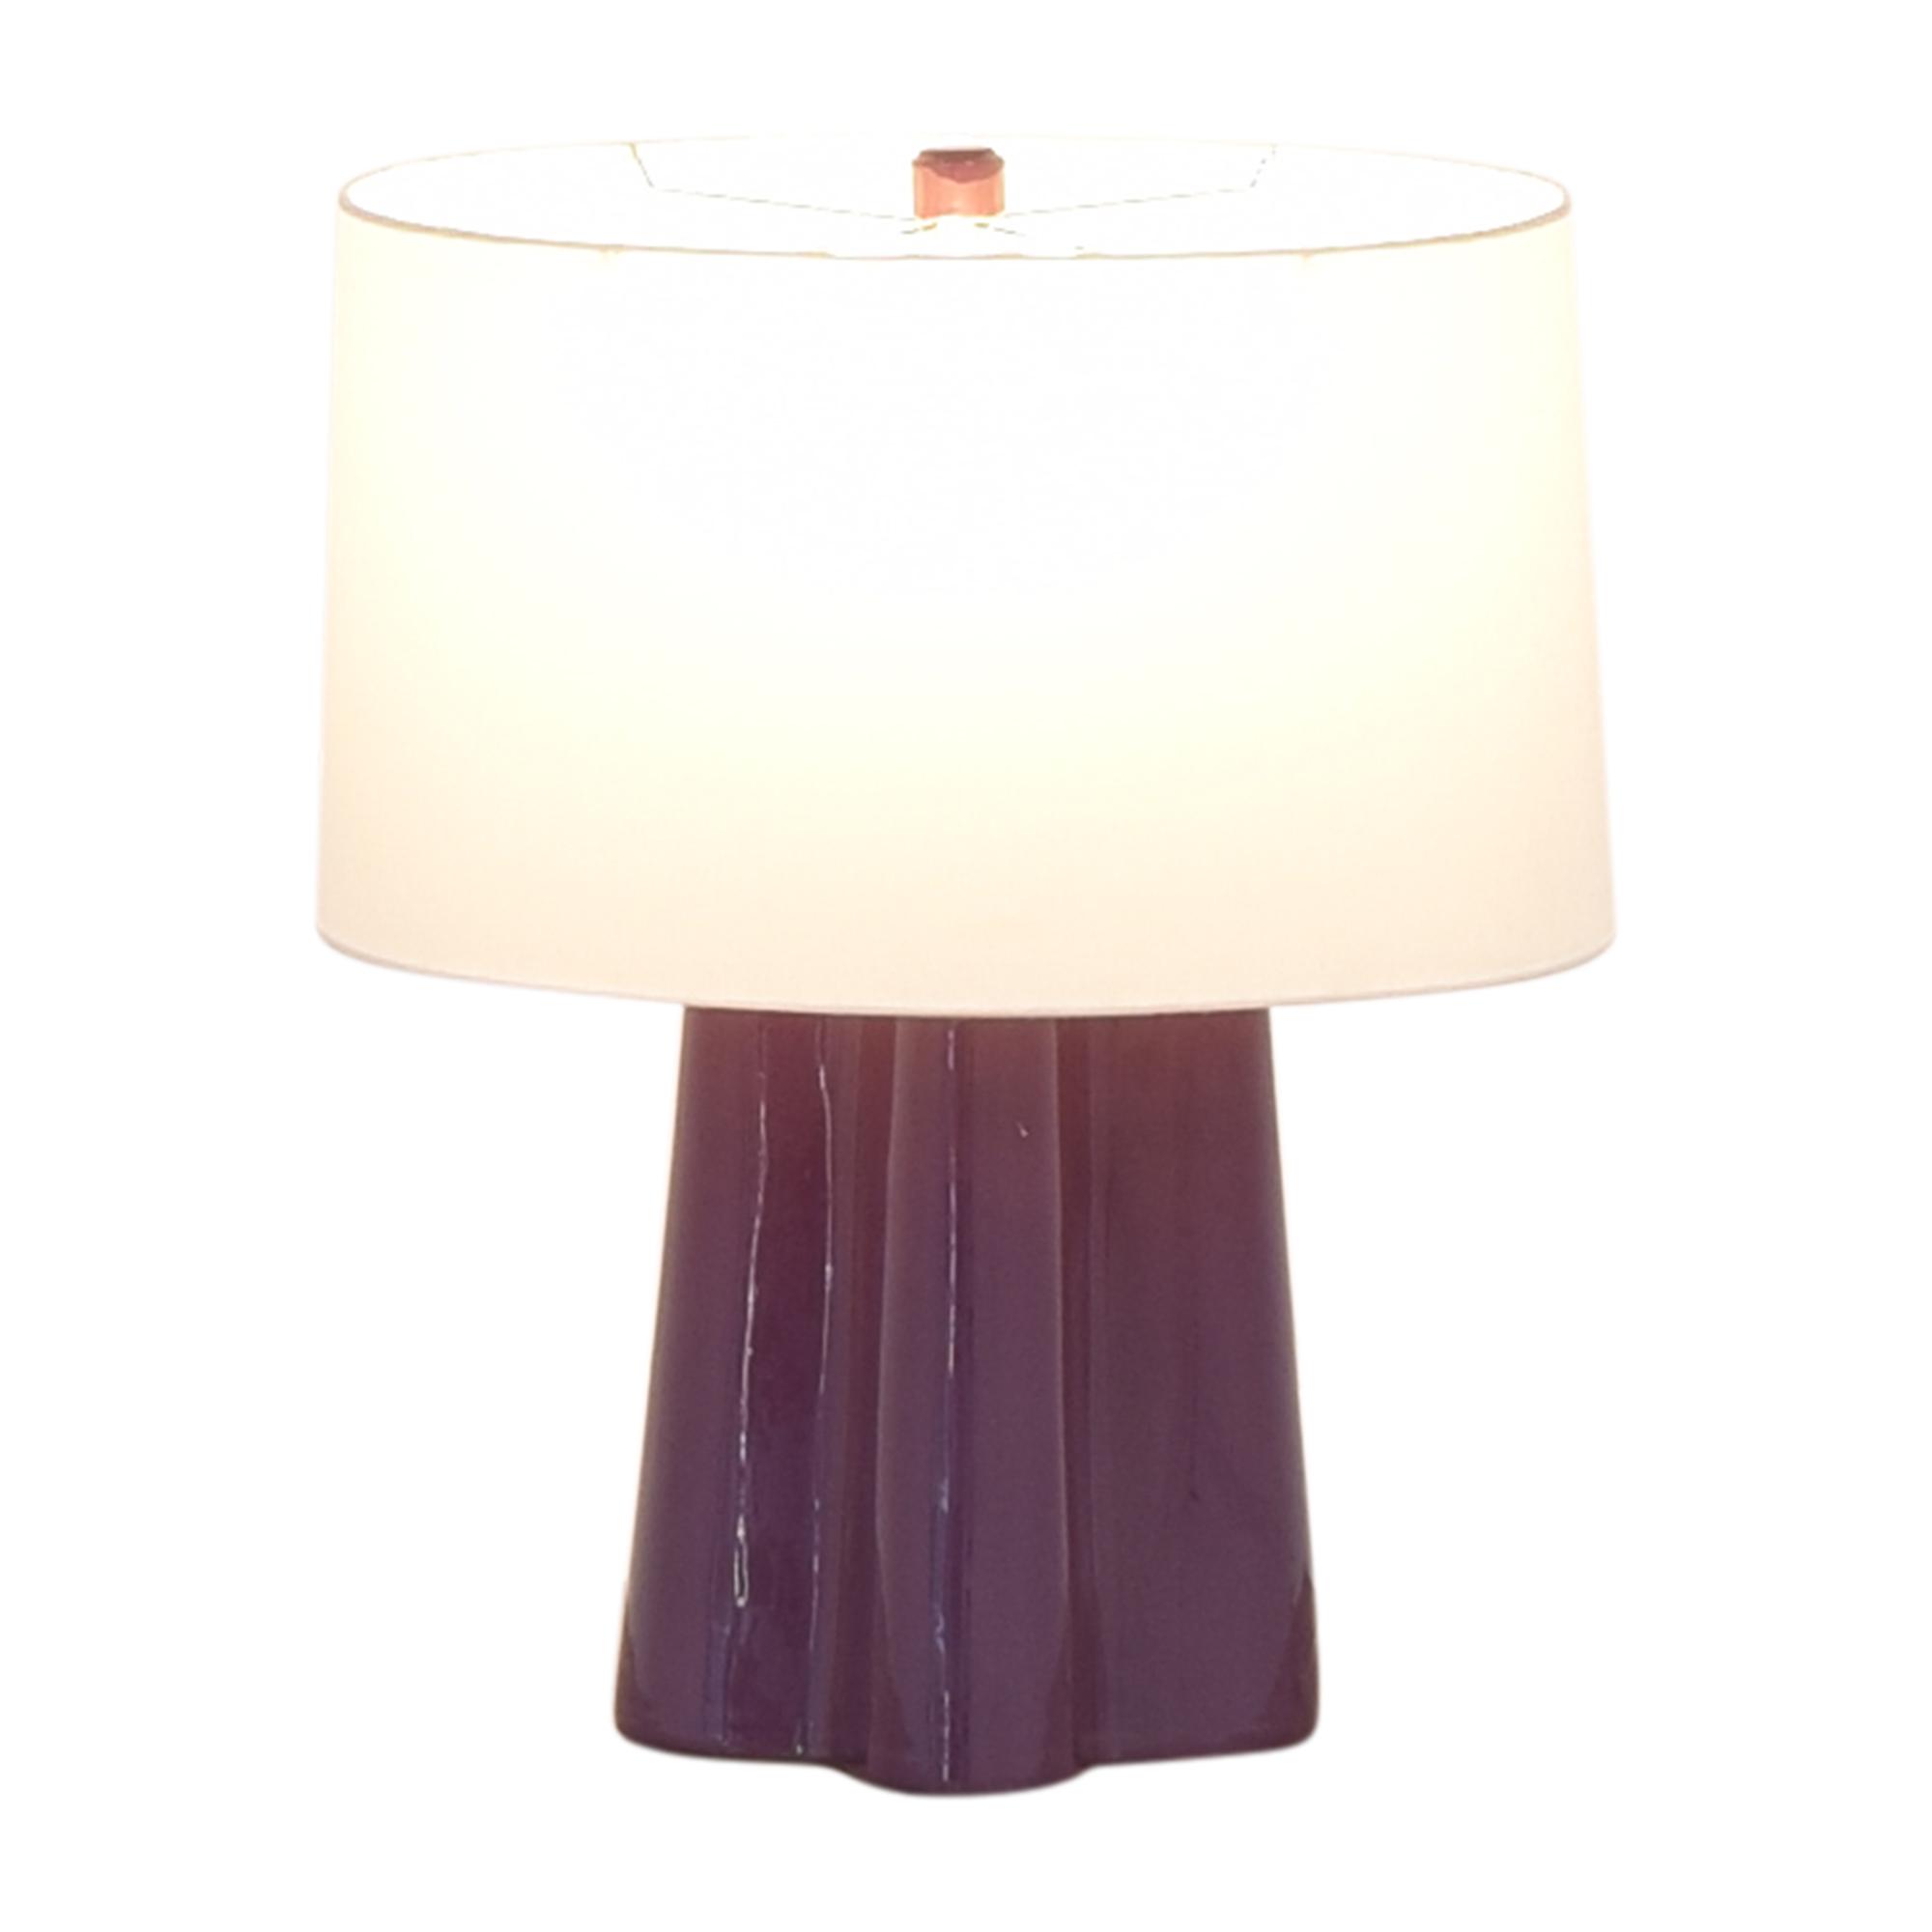 Jonathan Adler Jonathan Adler Table Lamp second hand